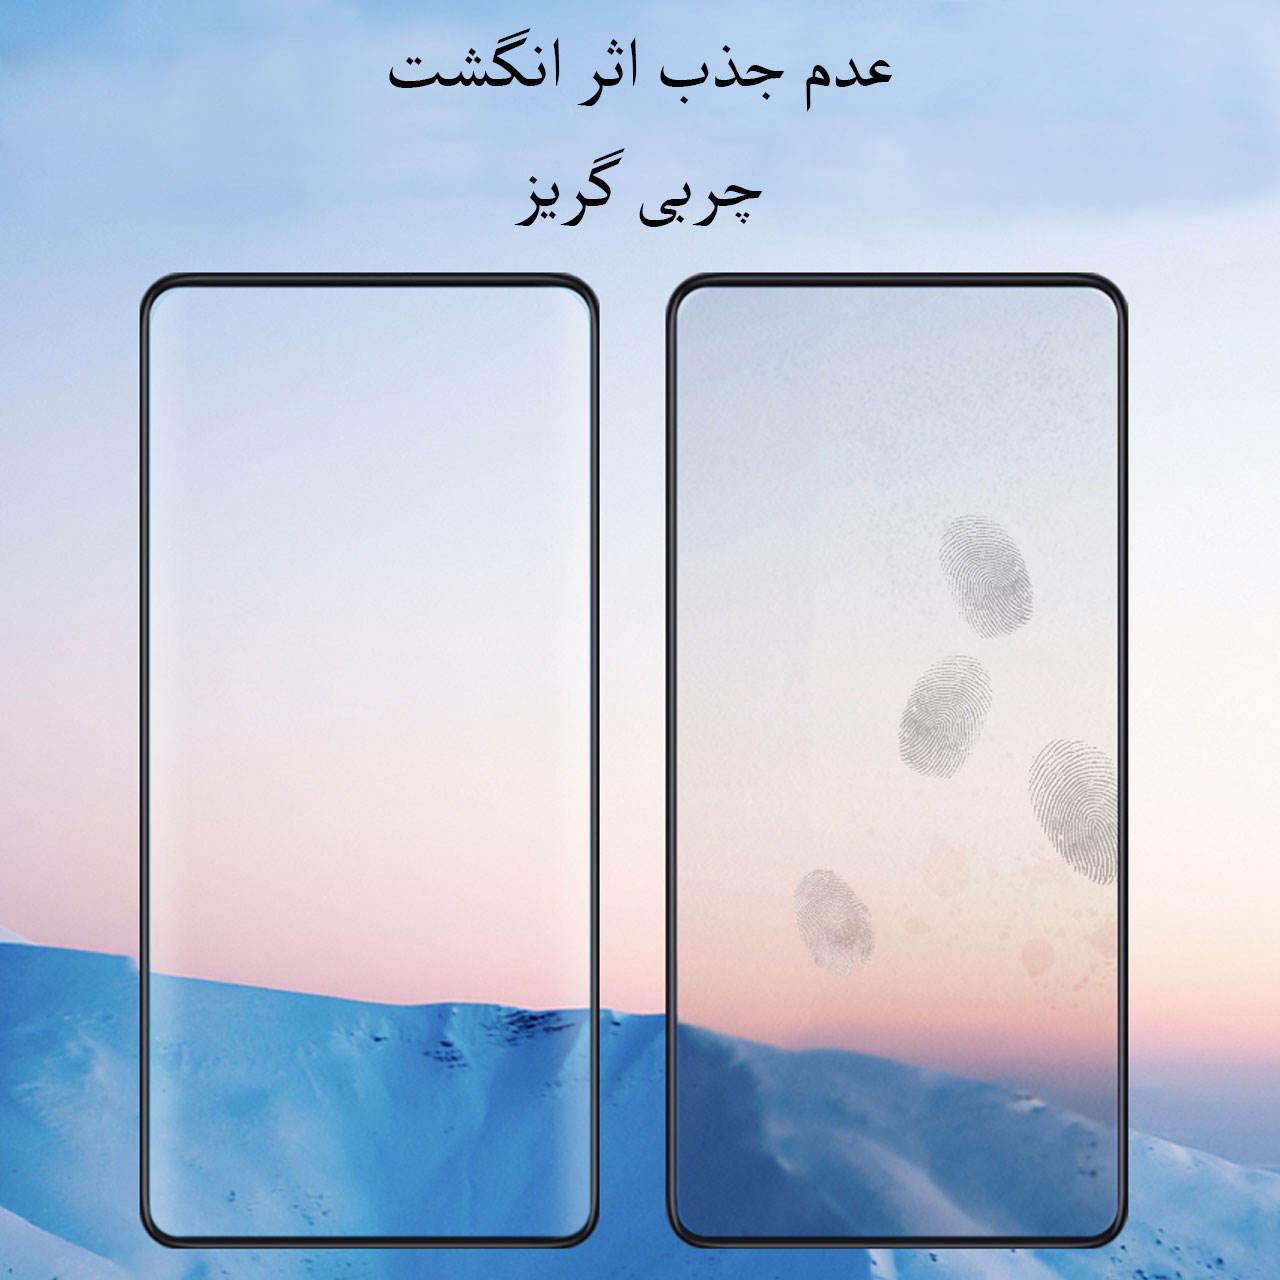 محافظ صفحه نمایش مدل FG-01 مناسب برای گوشی موبایل سامسونگ Galaxy J7 2015 main 1 9